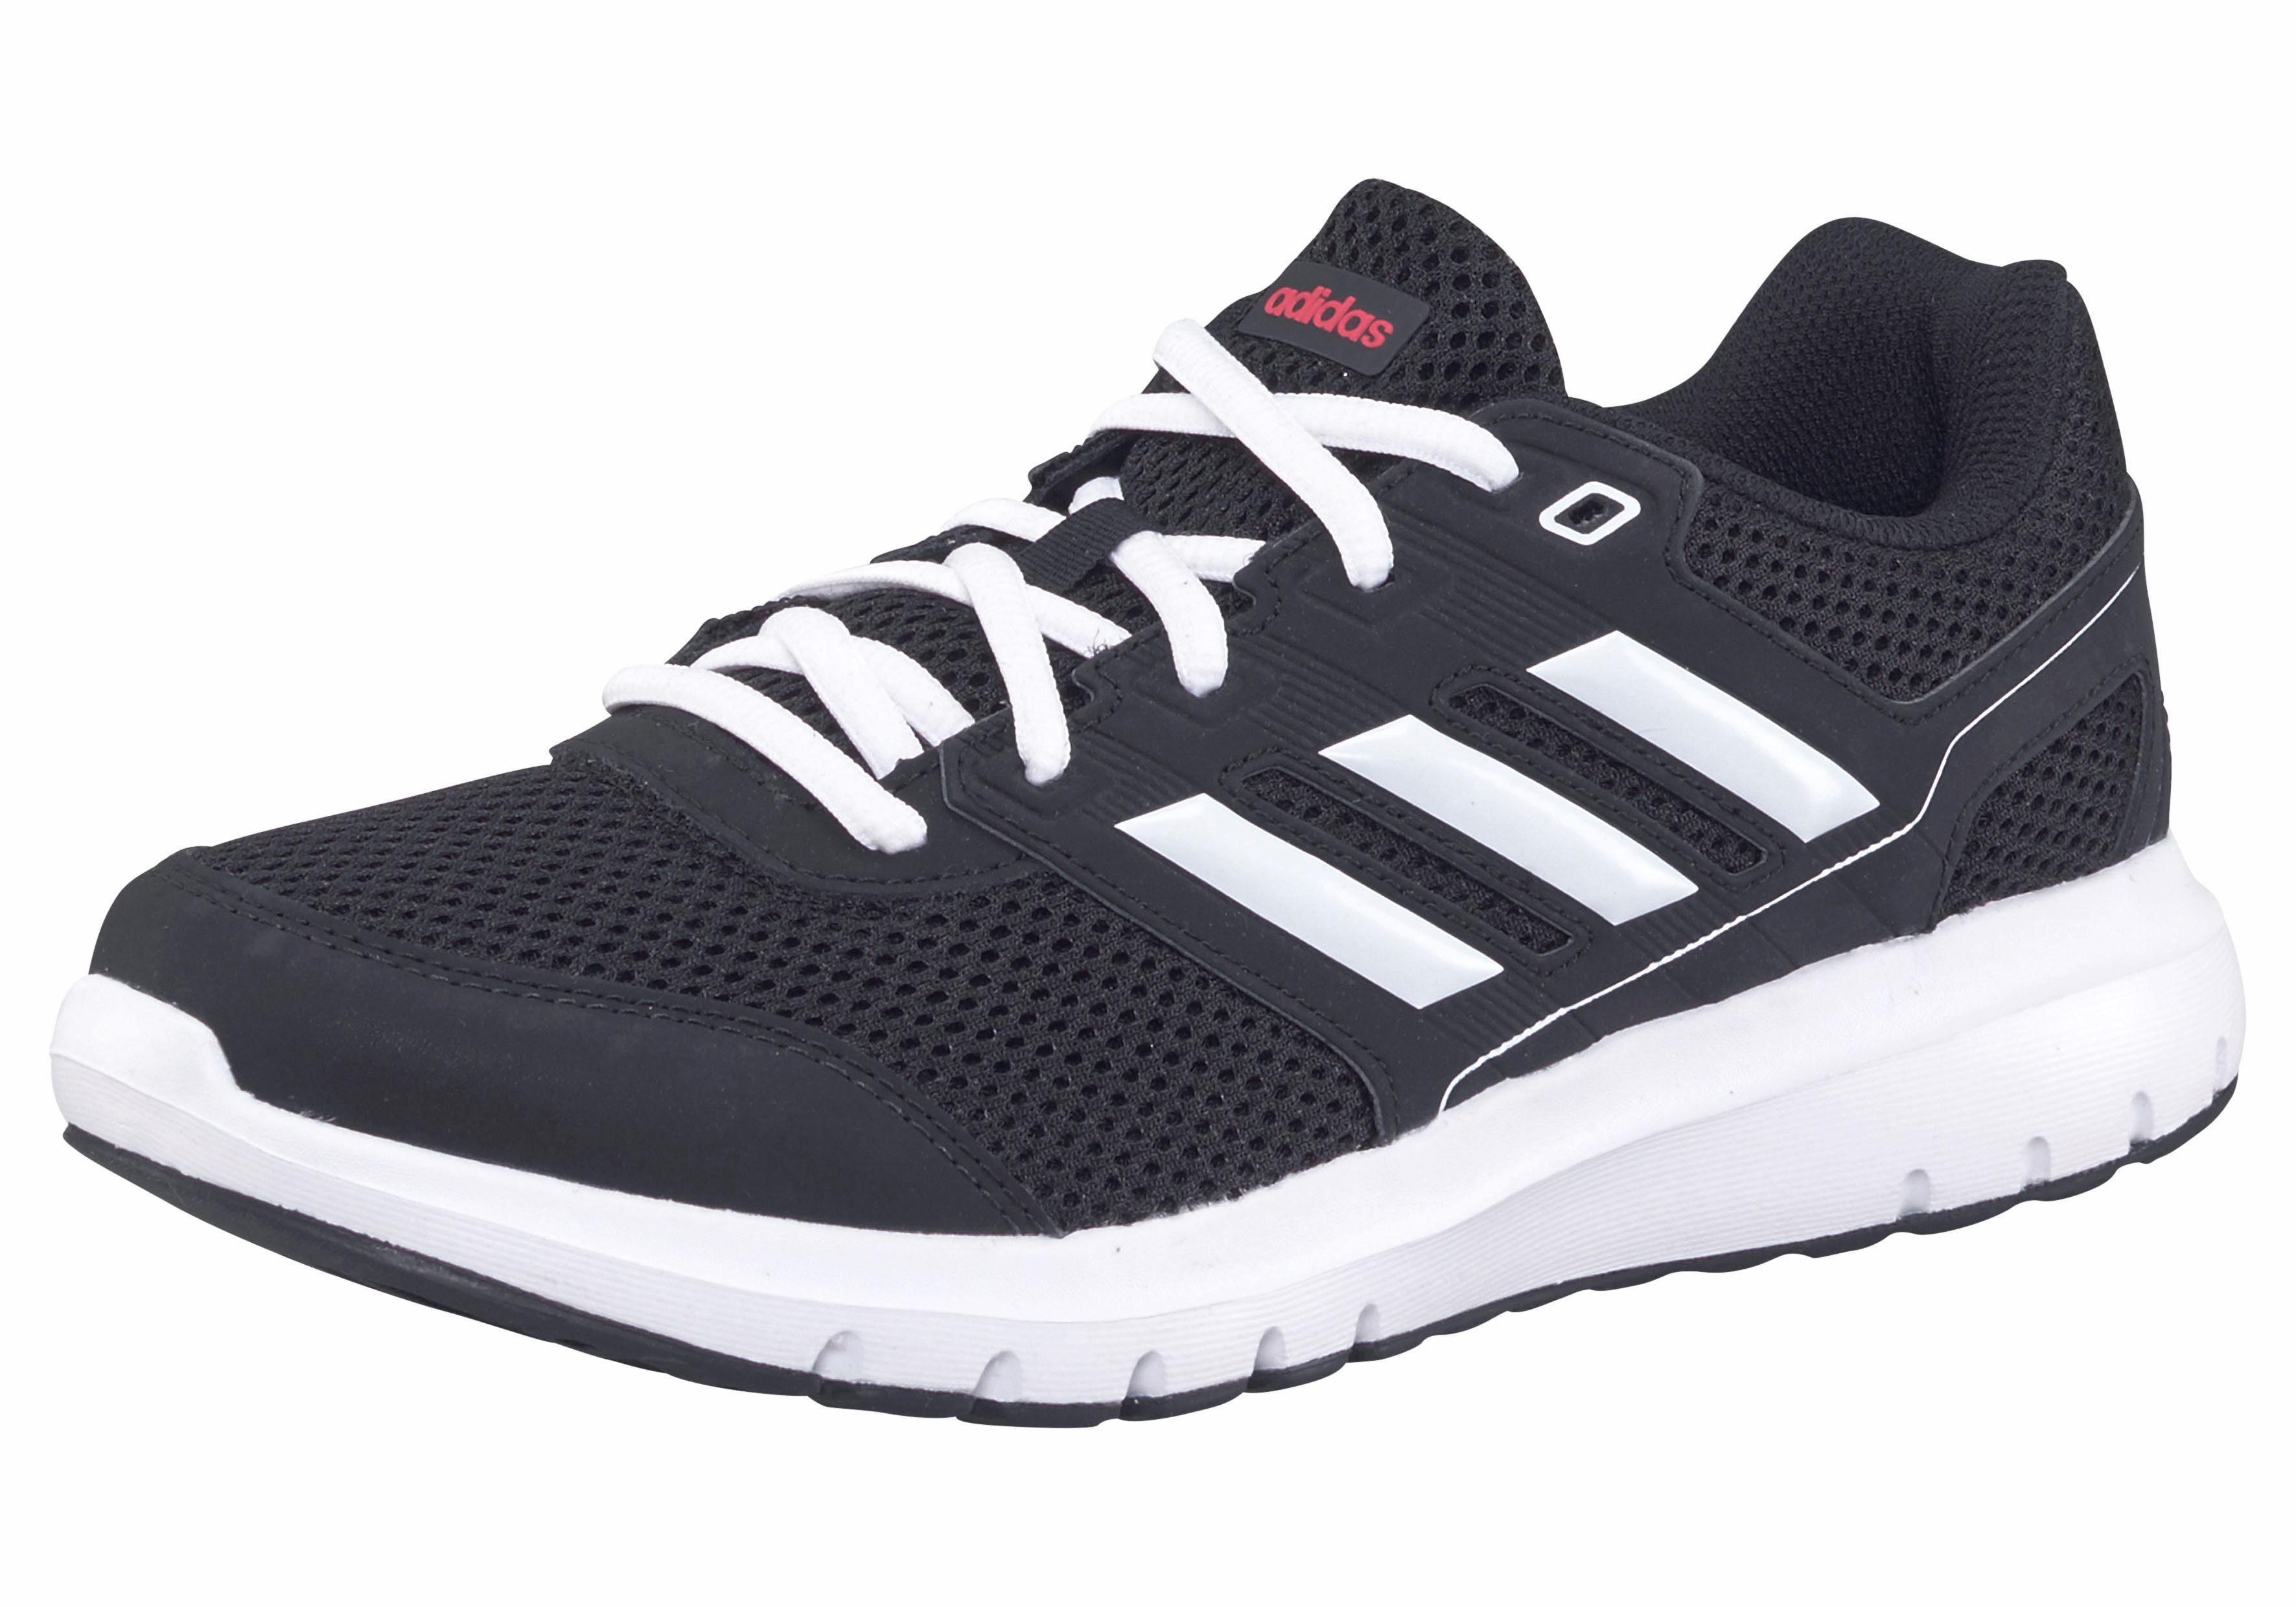 adidas »Duramo Lite 2.0 M« Laufschuh, Leichter Laufschuh von